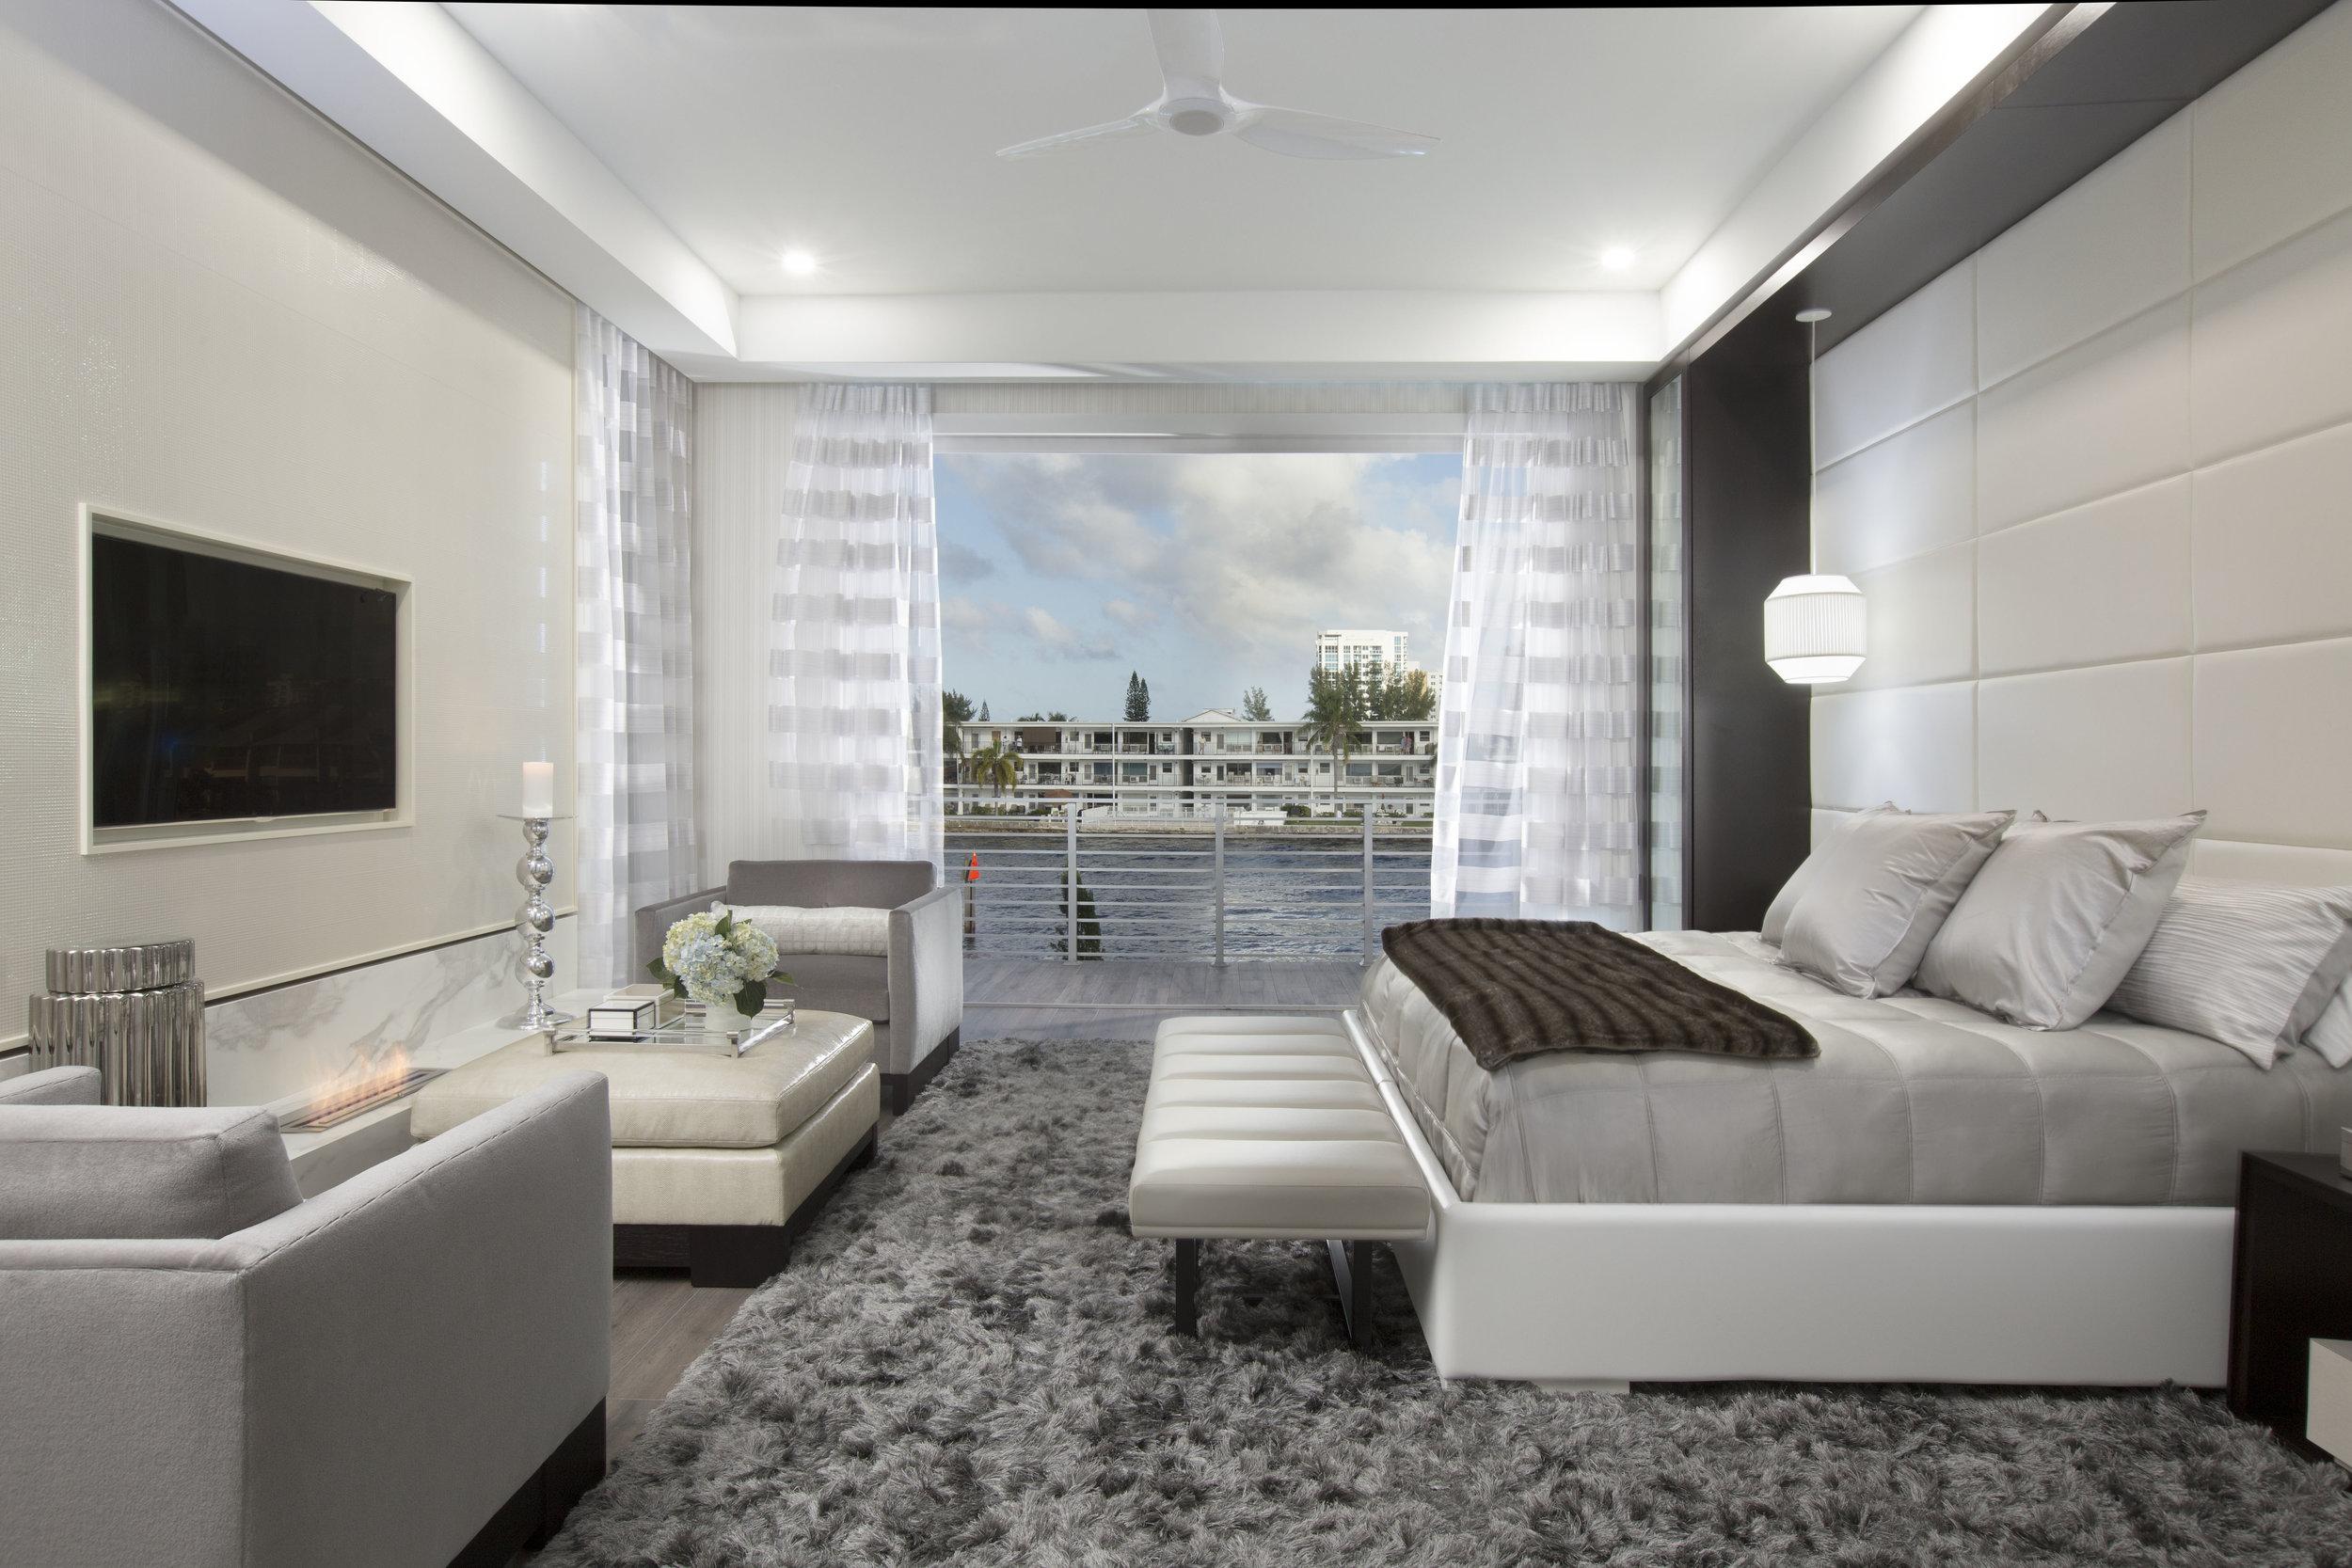 idea for master bedroom 2.jpg